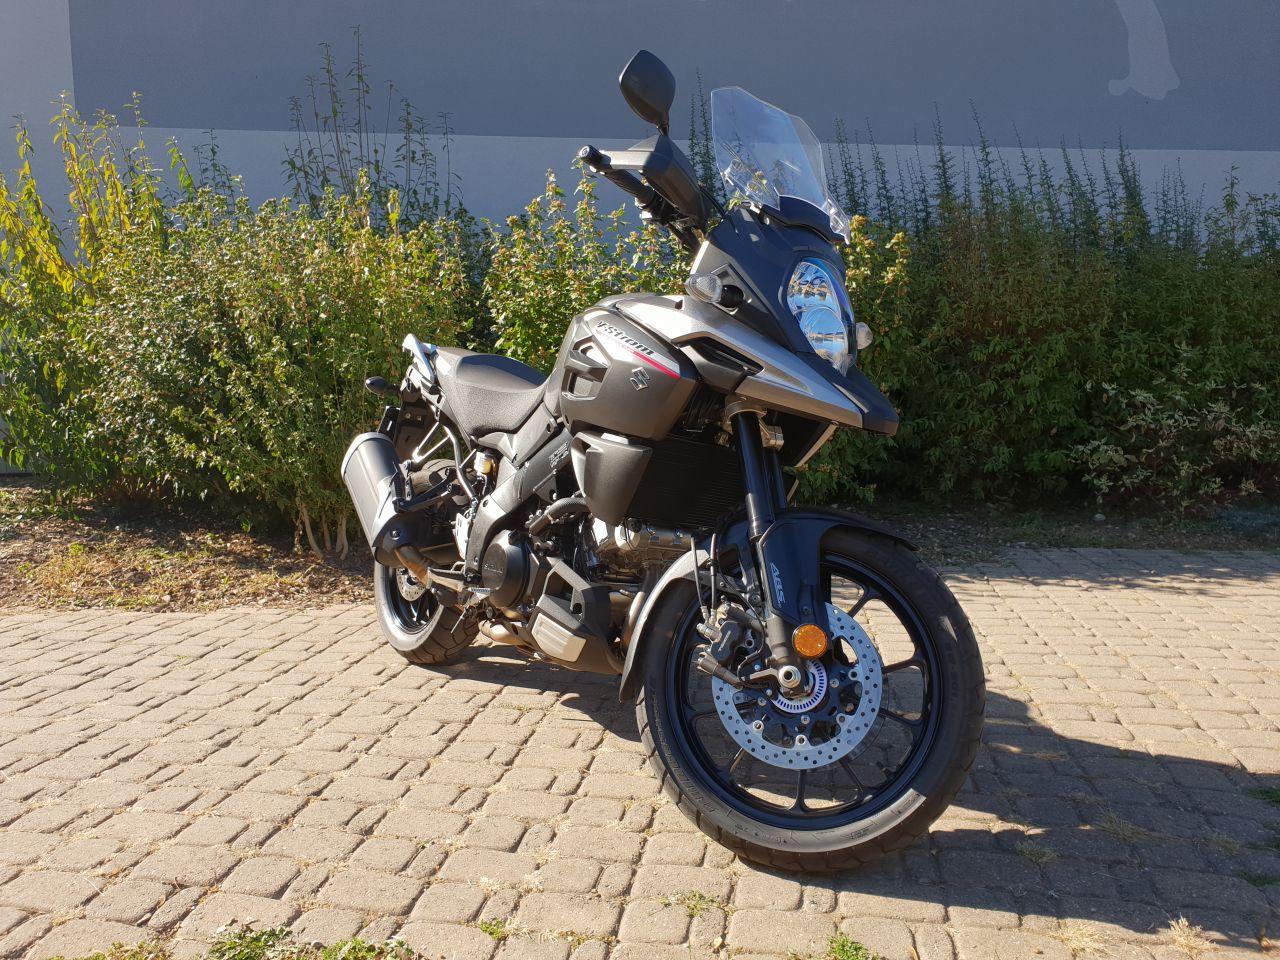 Moto en bon état 1ère mise en circulation: 27.03.2018 Garantie constructeur jusqu'au 27.03.2021 Pas de frais à prévoir Service 1'000 effectué 2'740 Km